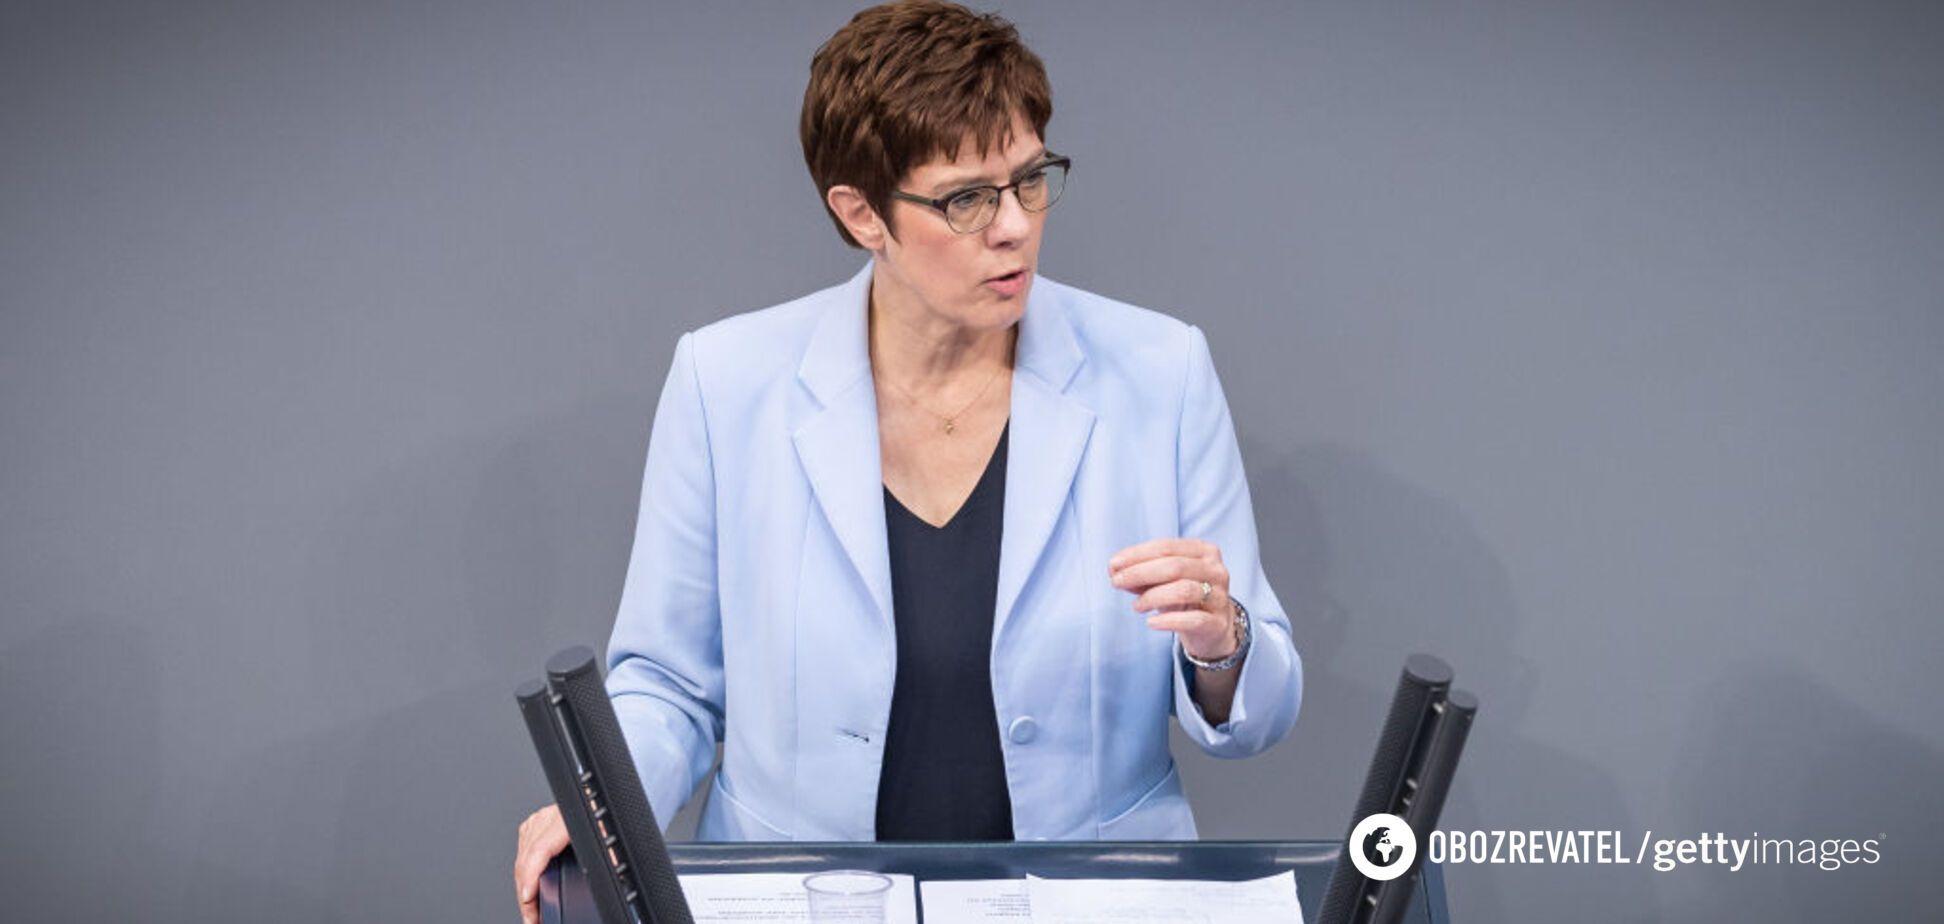 Глава Бундесвера Аннегрет Крамп-Карренбауэр заявила о готовности НАТО противостоять России